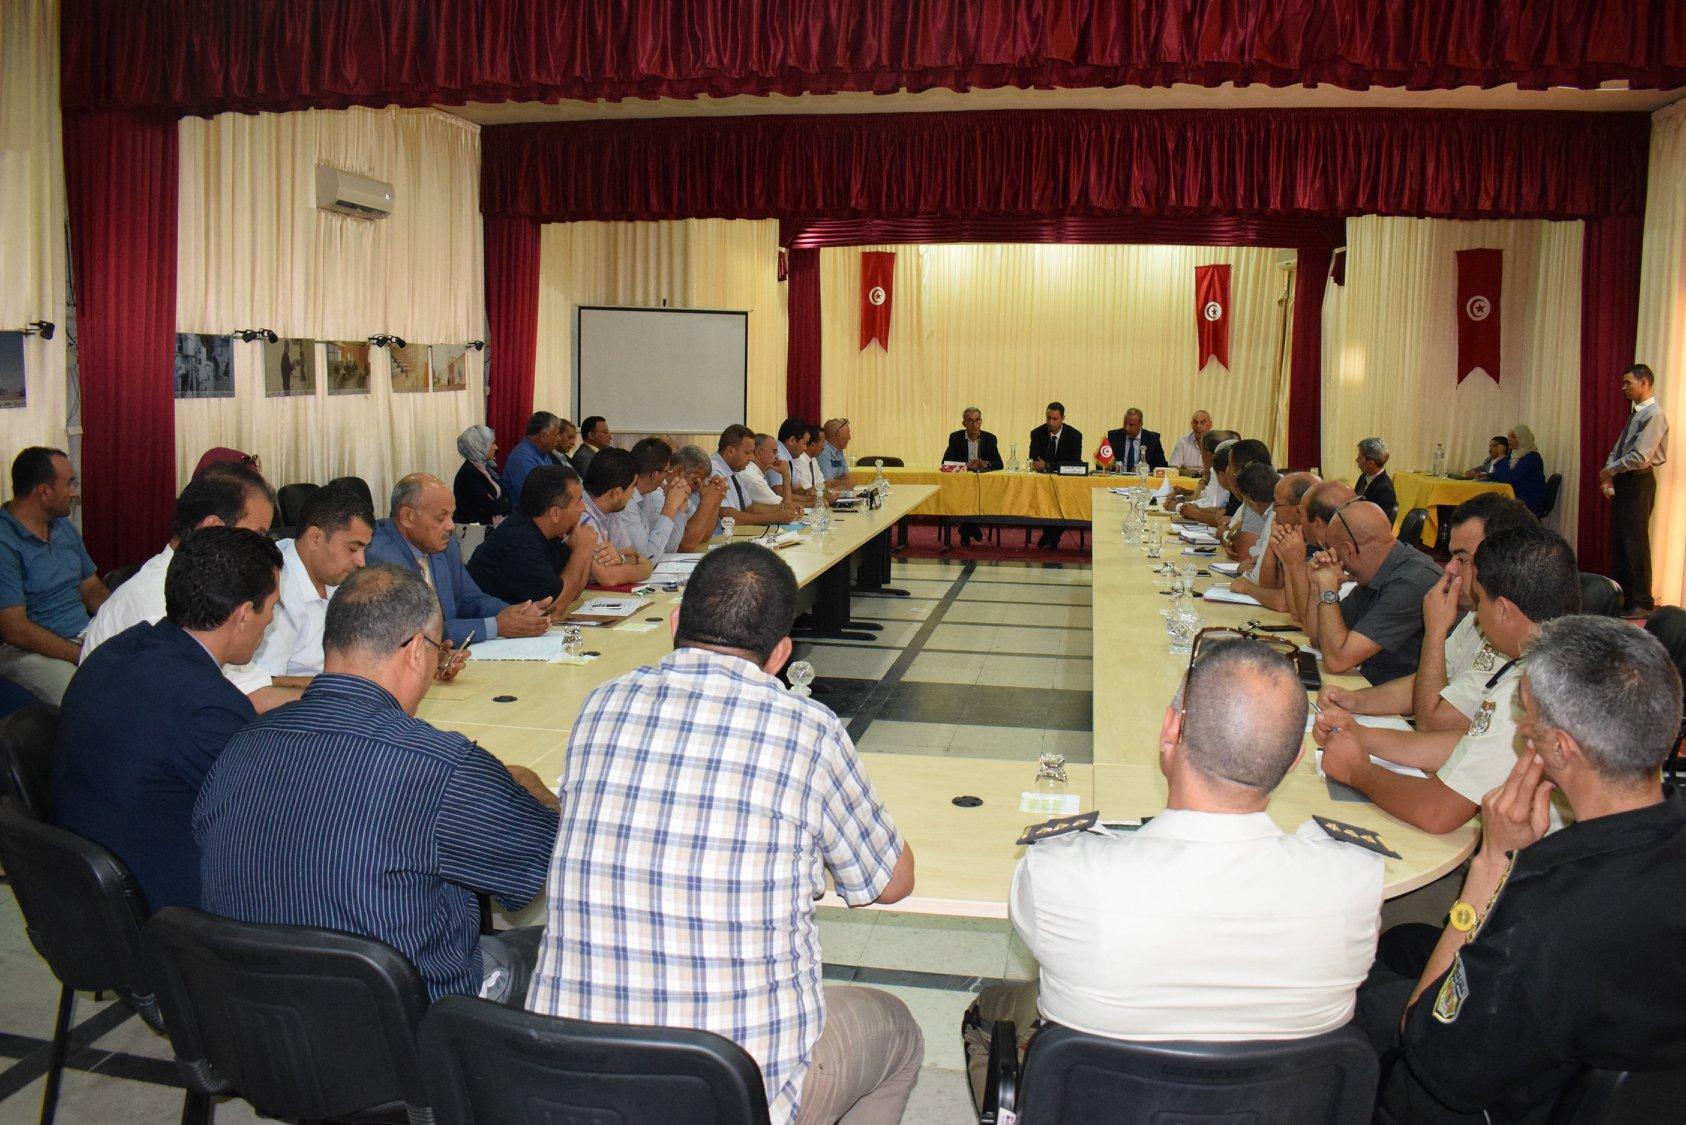 هيئة الانتخابات تقرر إزالة معلقات إشهارية تتعلق بالمترشح للرئاسية نبيل القروي